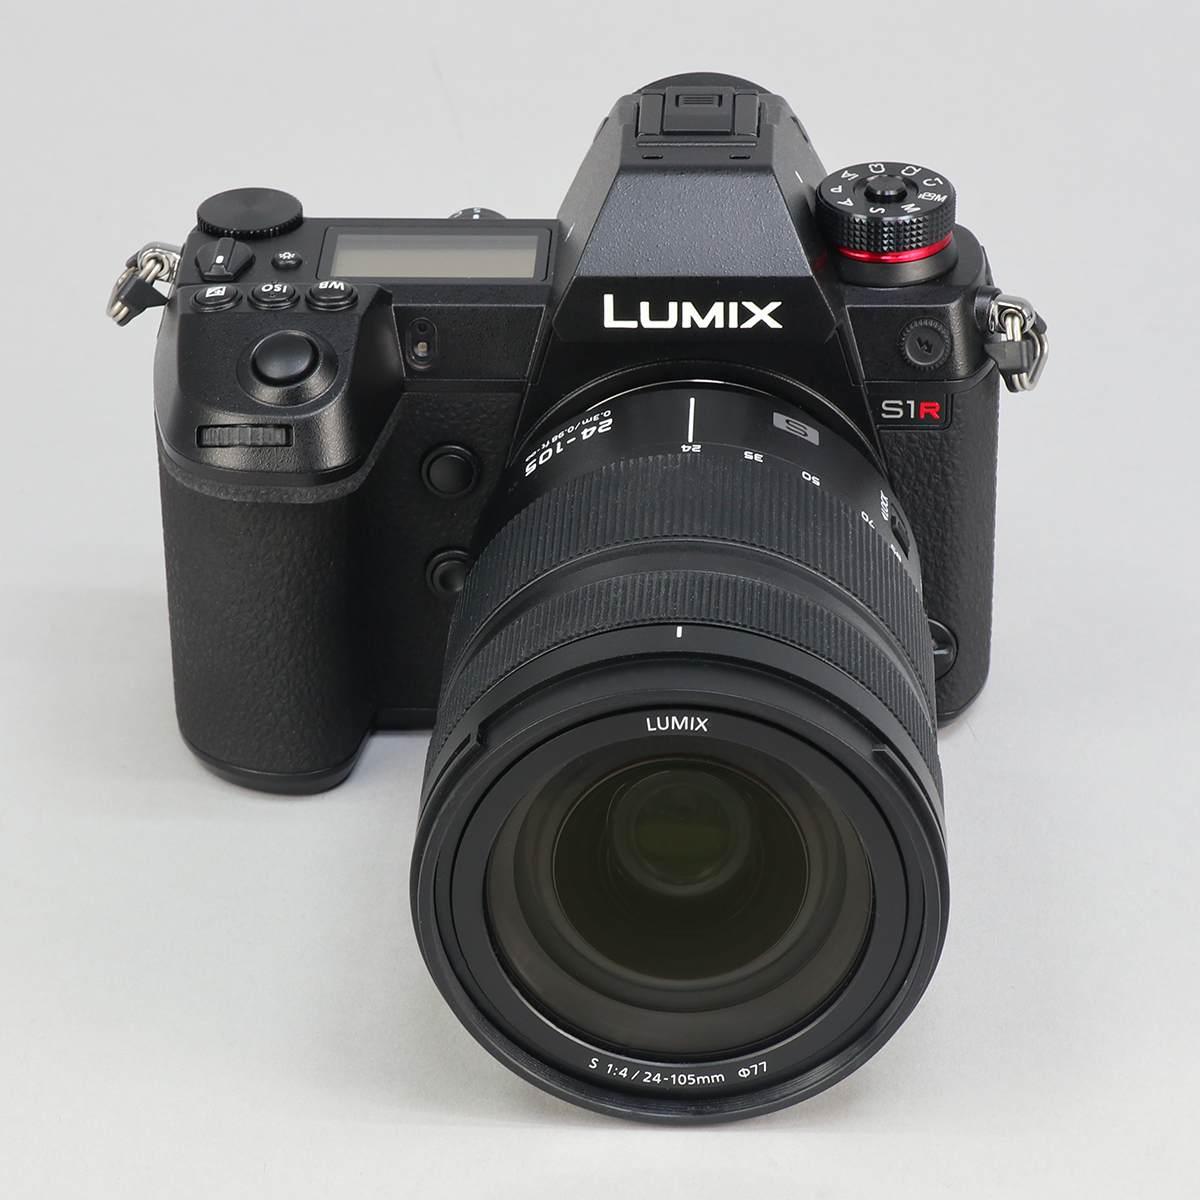 重量級ボディにパナソニックの本気を見た! 「LUMIX S1R/S1」実機レポート